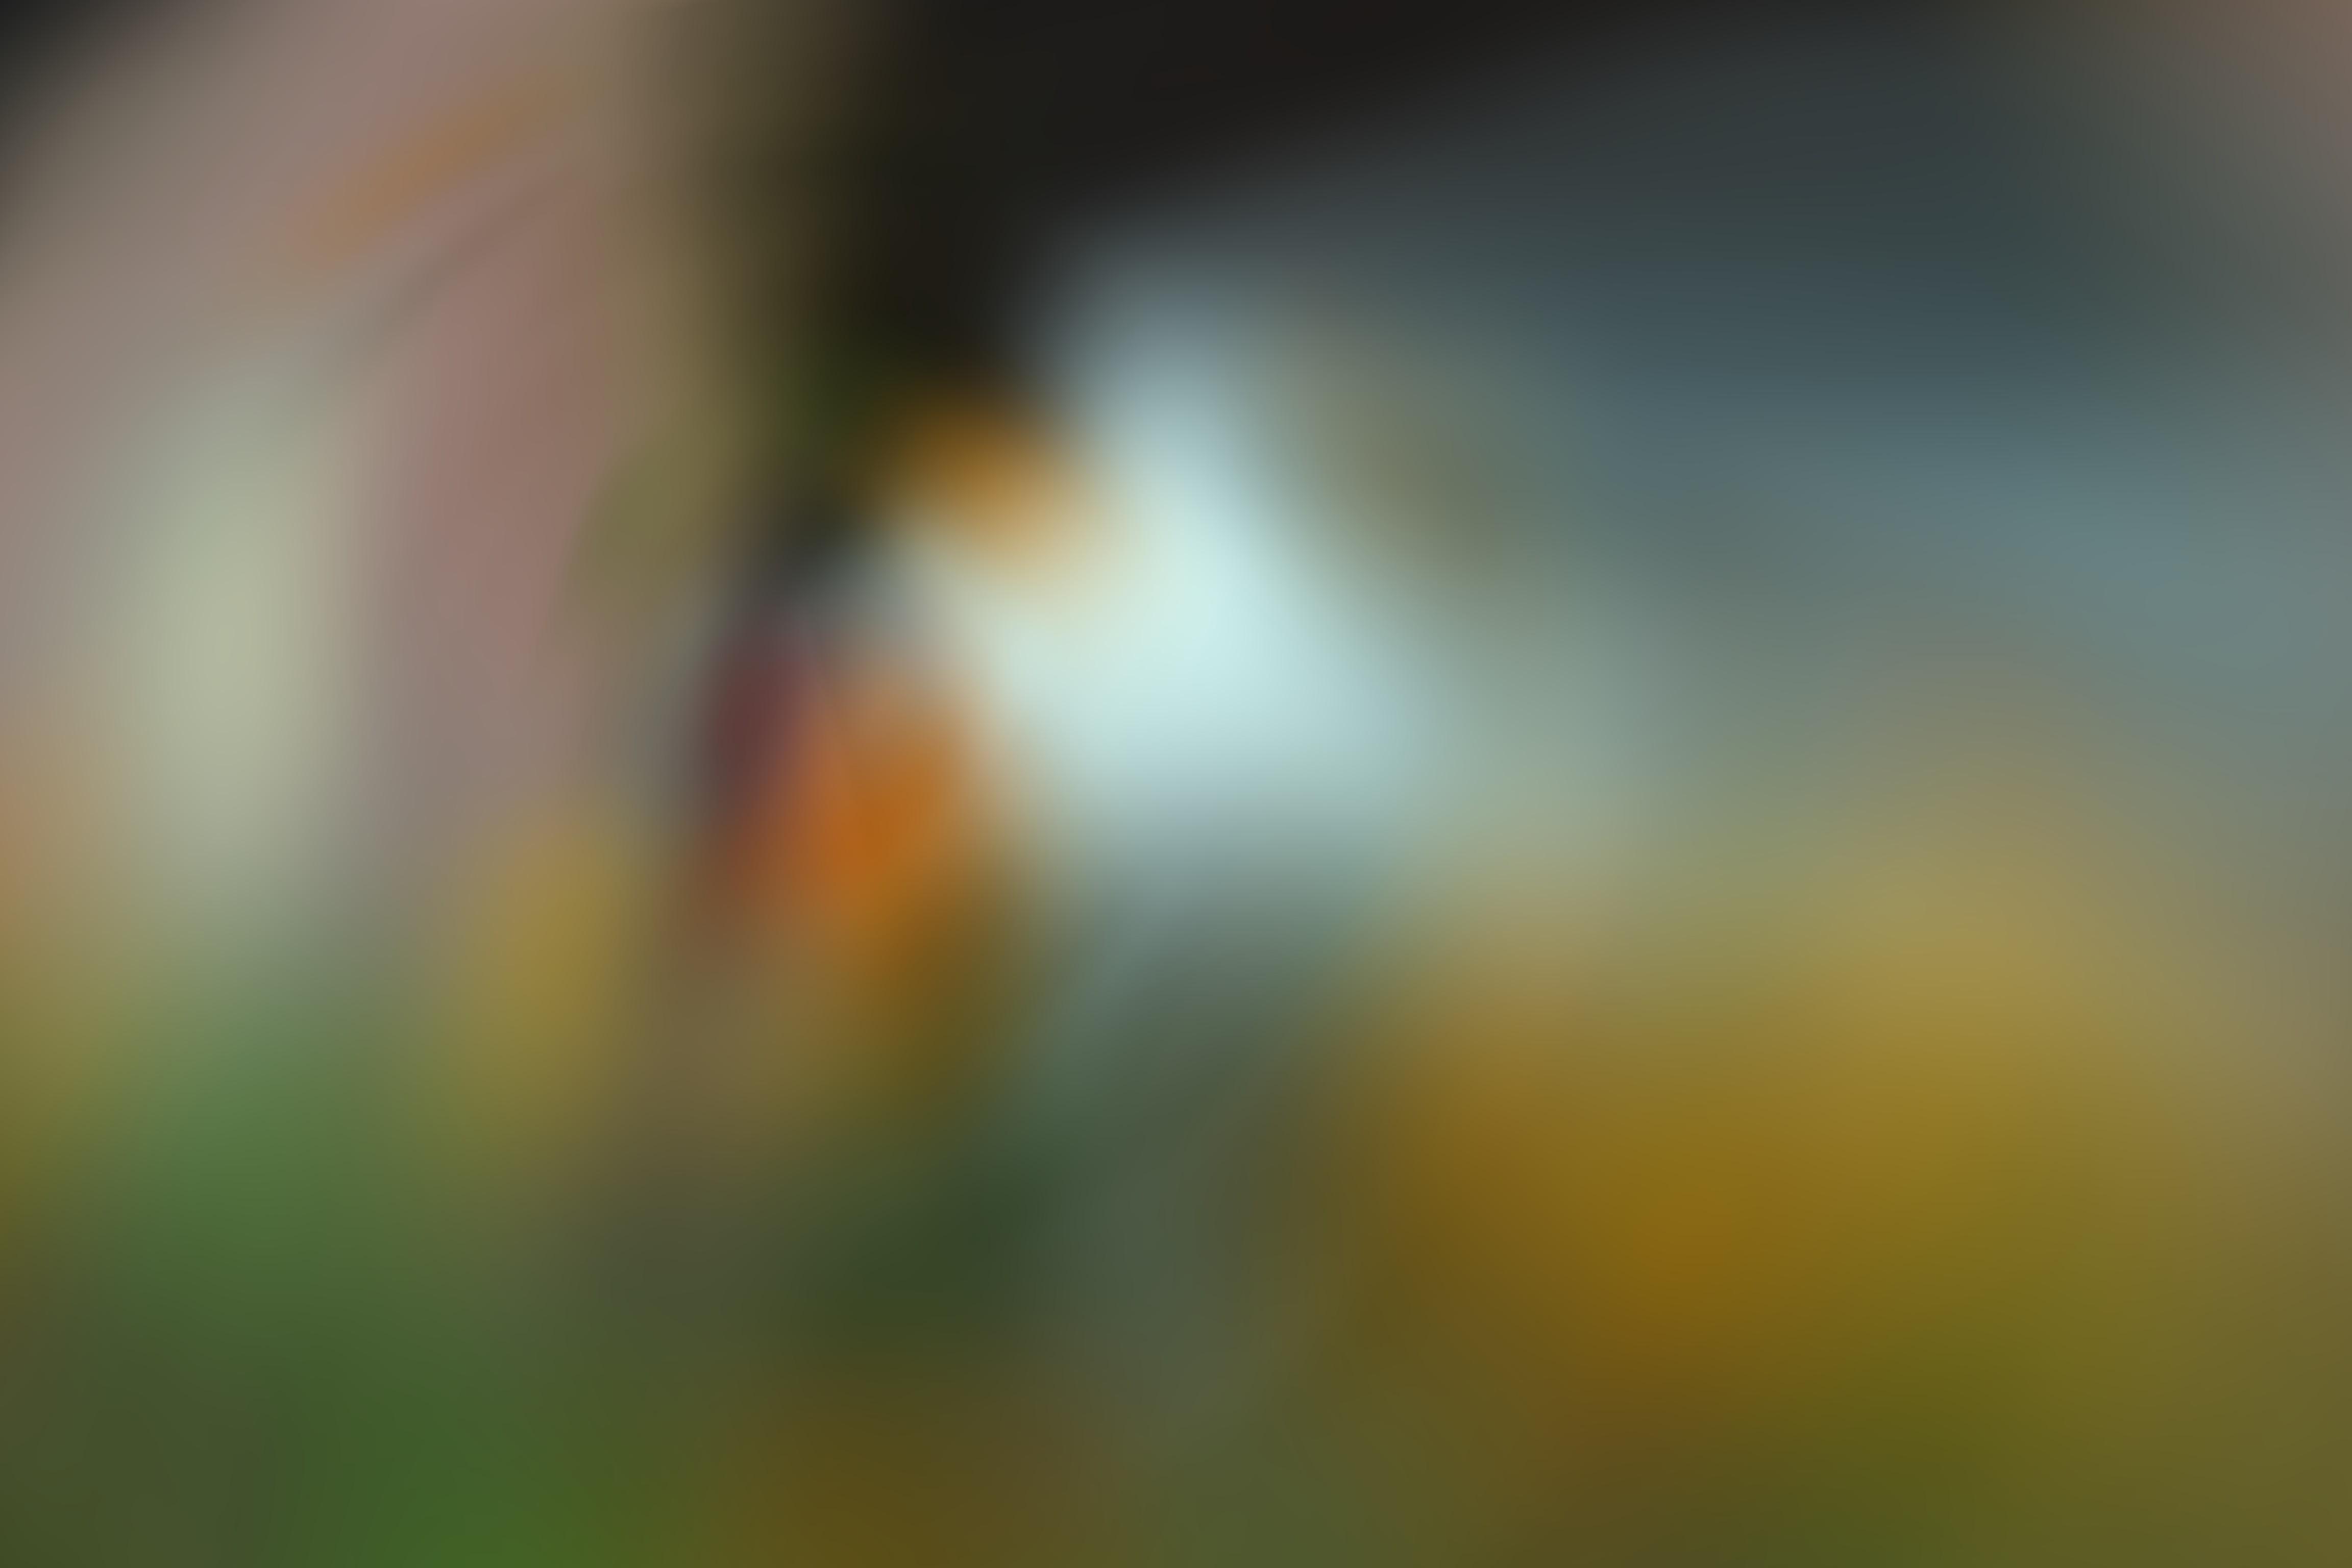 Métronome_orange_dans_un_hammam_0021